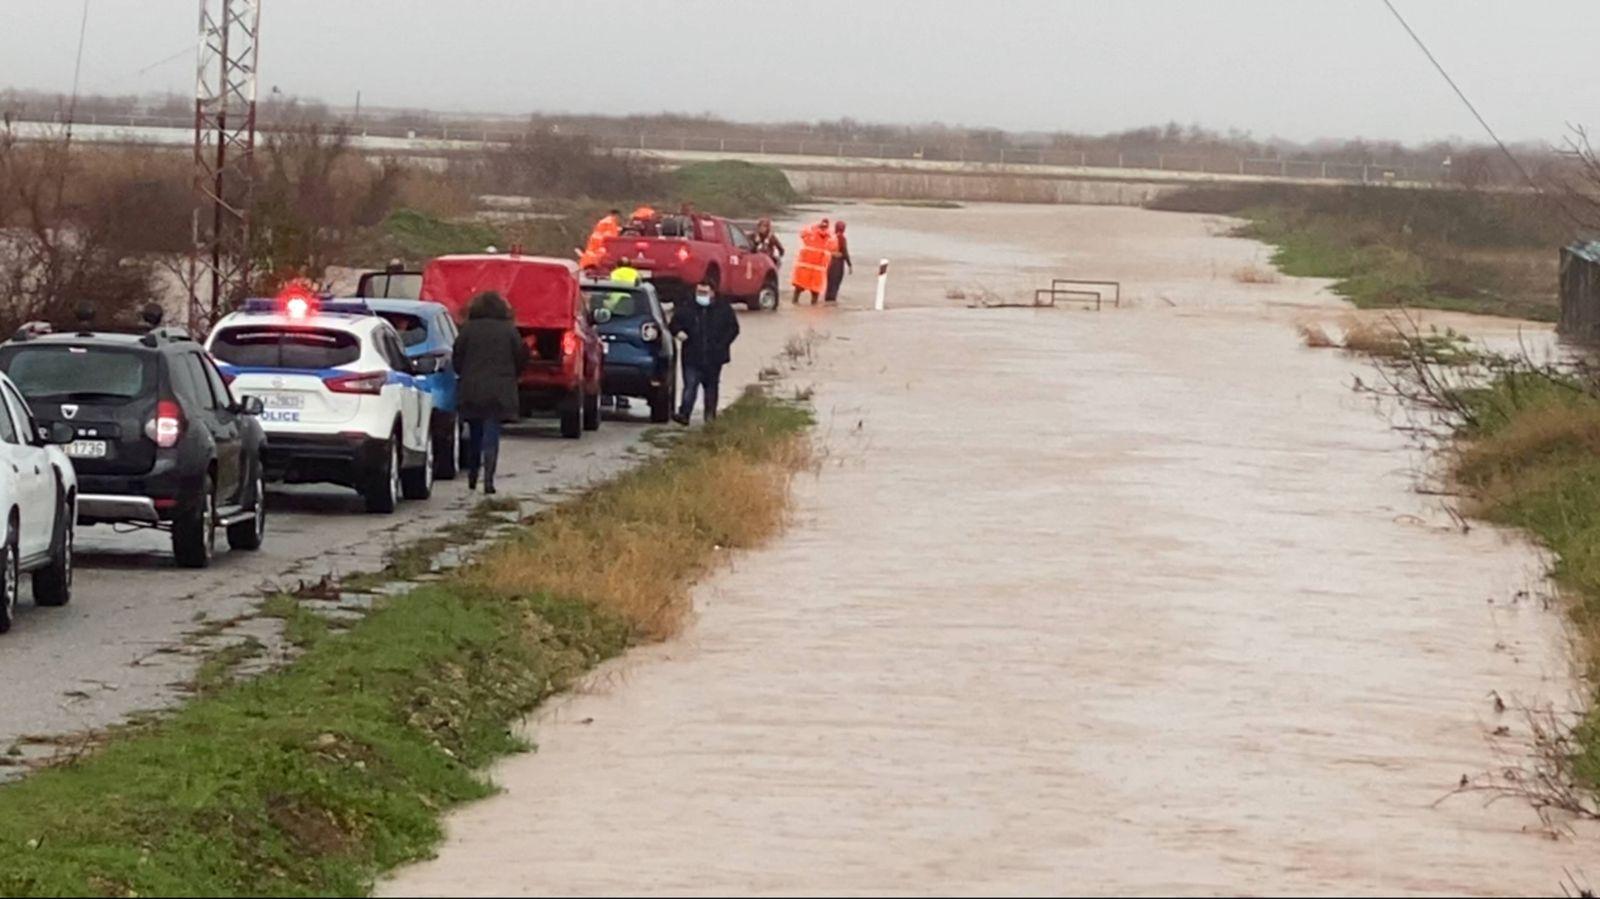 Griechenland, Überschwemmungen im Osten des Landes February 1, 2021, Apalos, Greece: A firefighter was killed on Monday